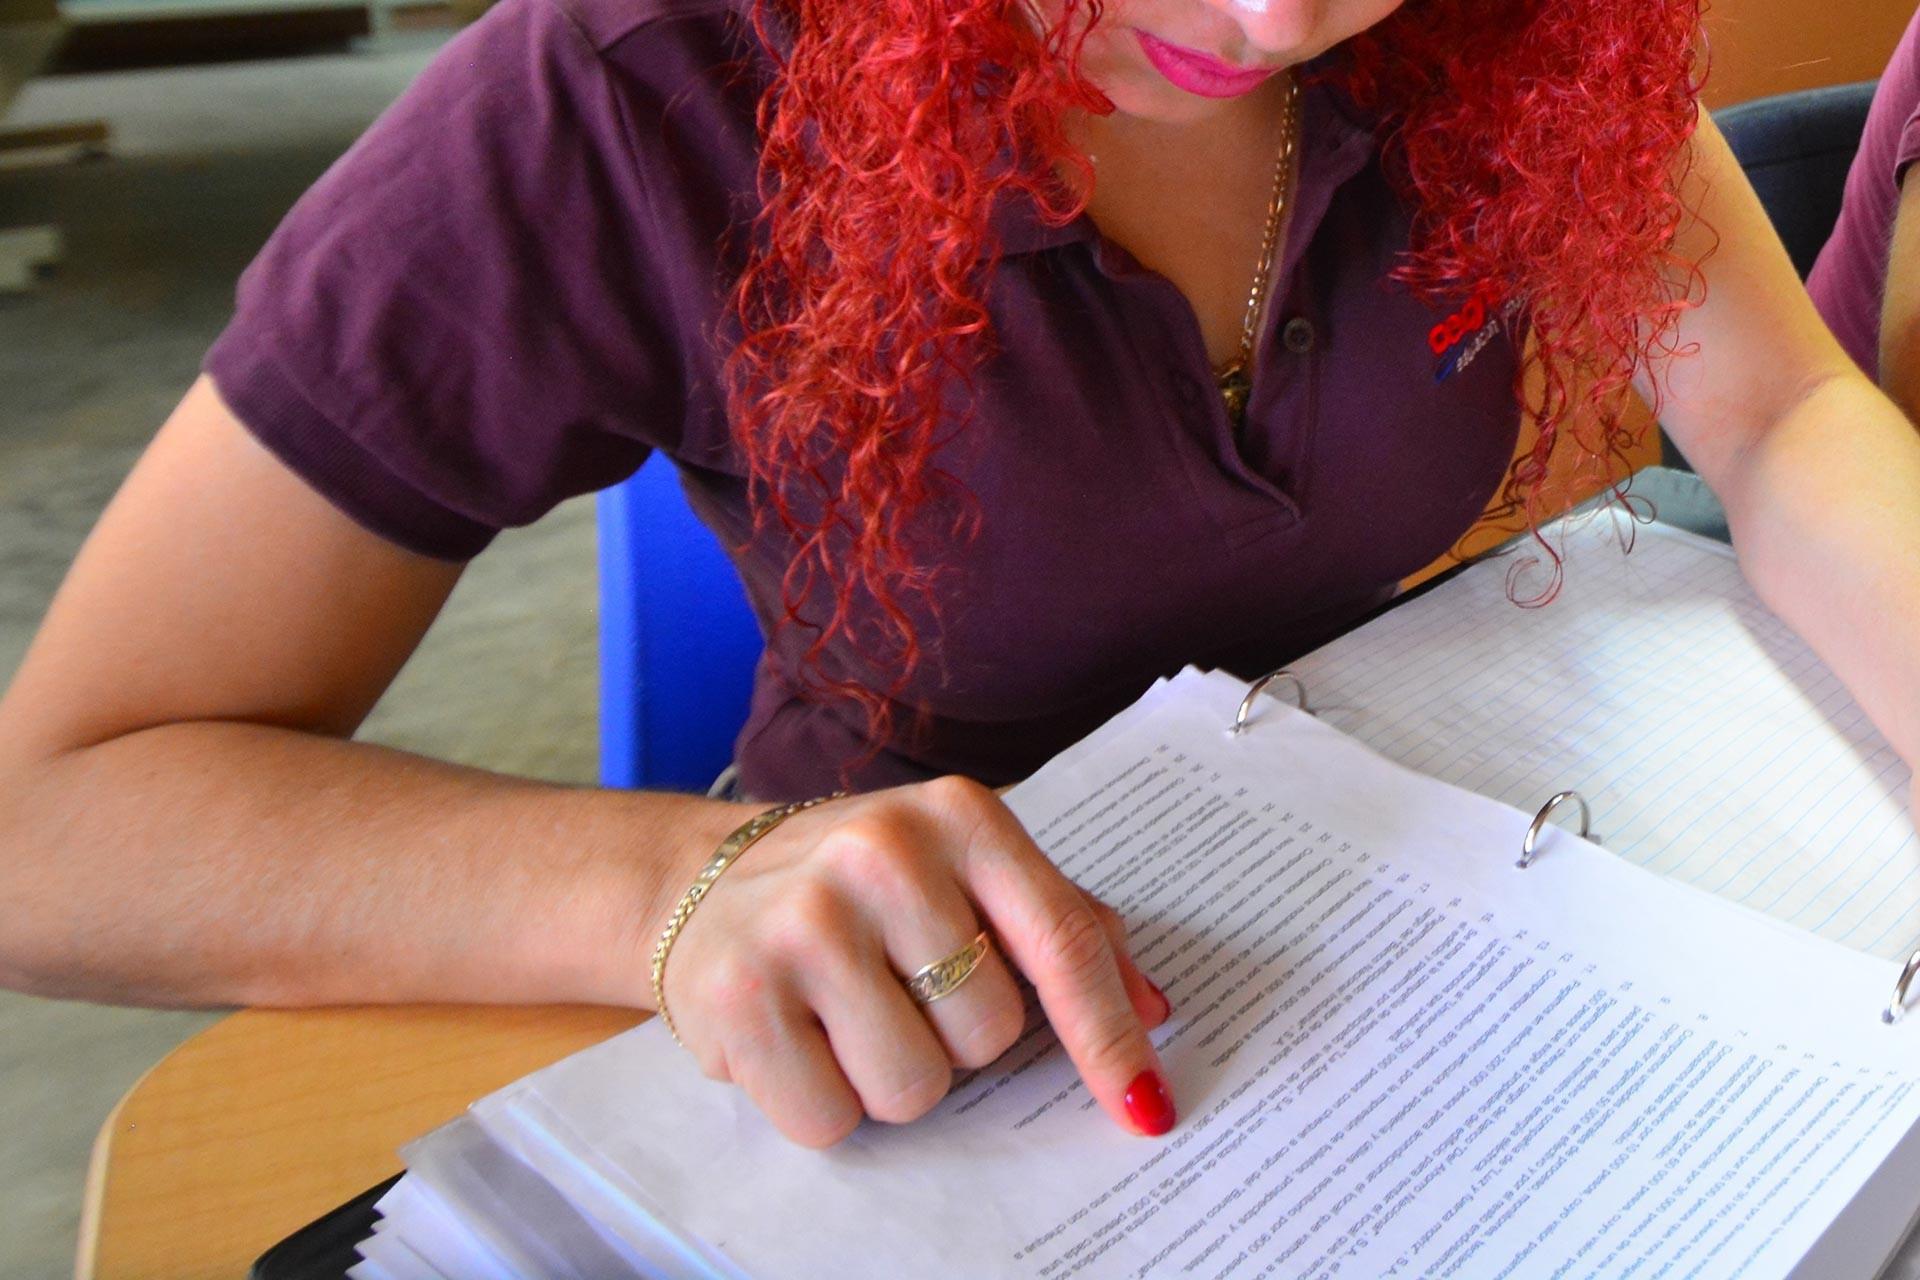 Parmağıyla yazıyı takip ederek okuyan kadın fotoğrafı